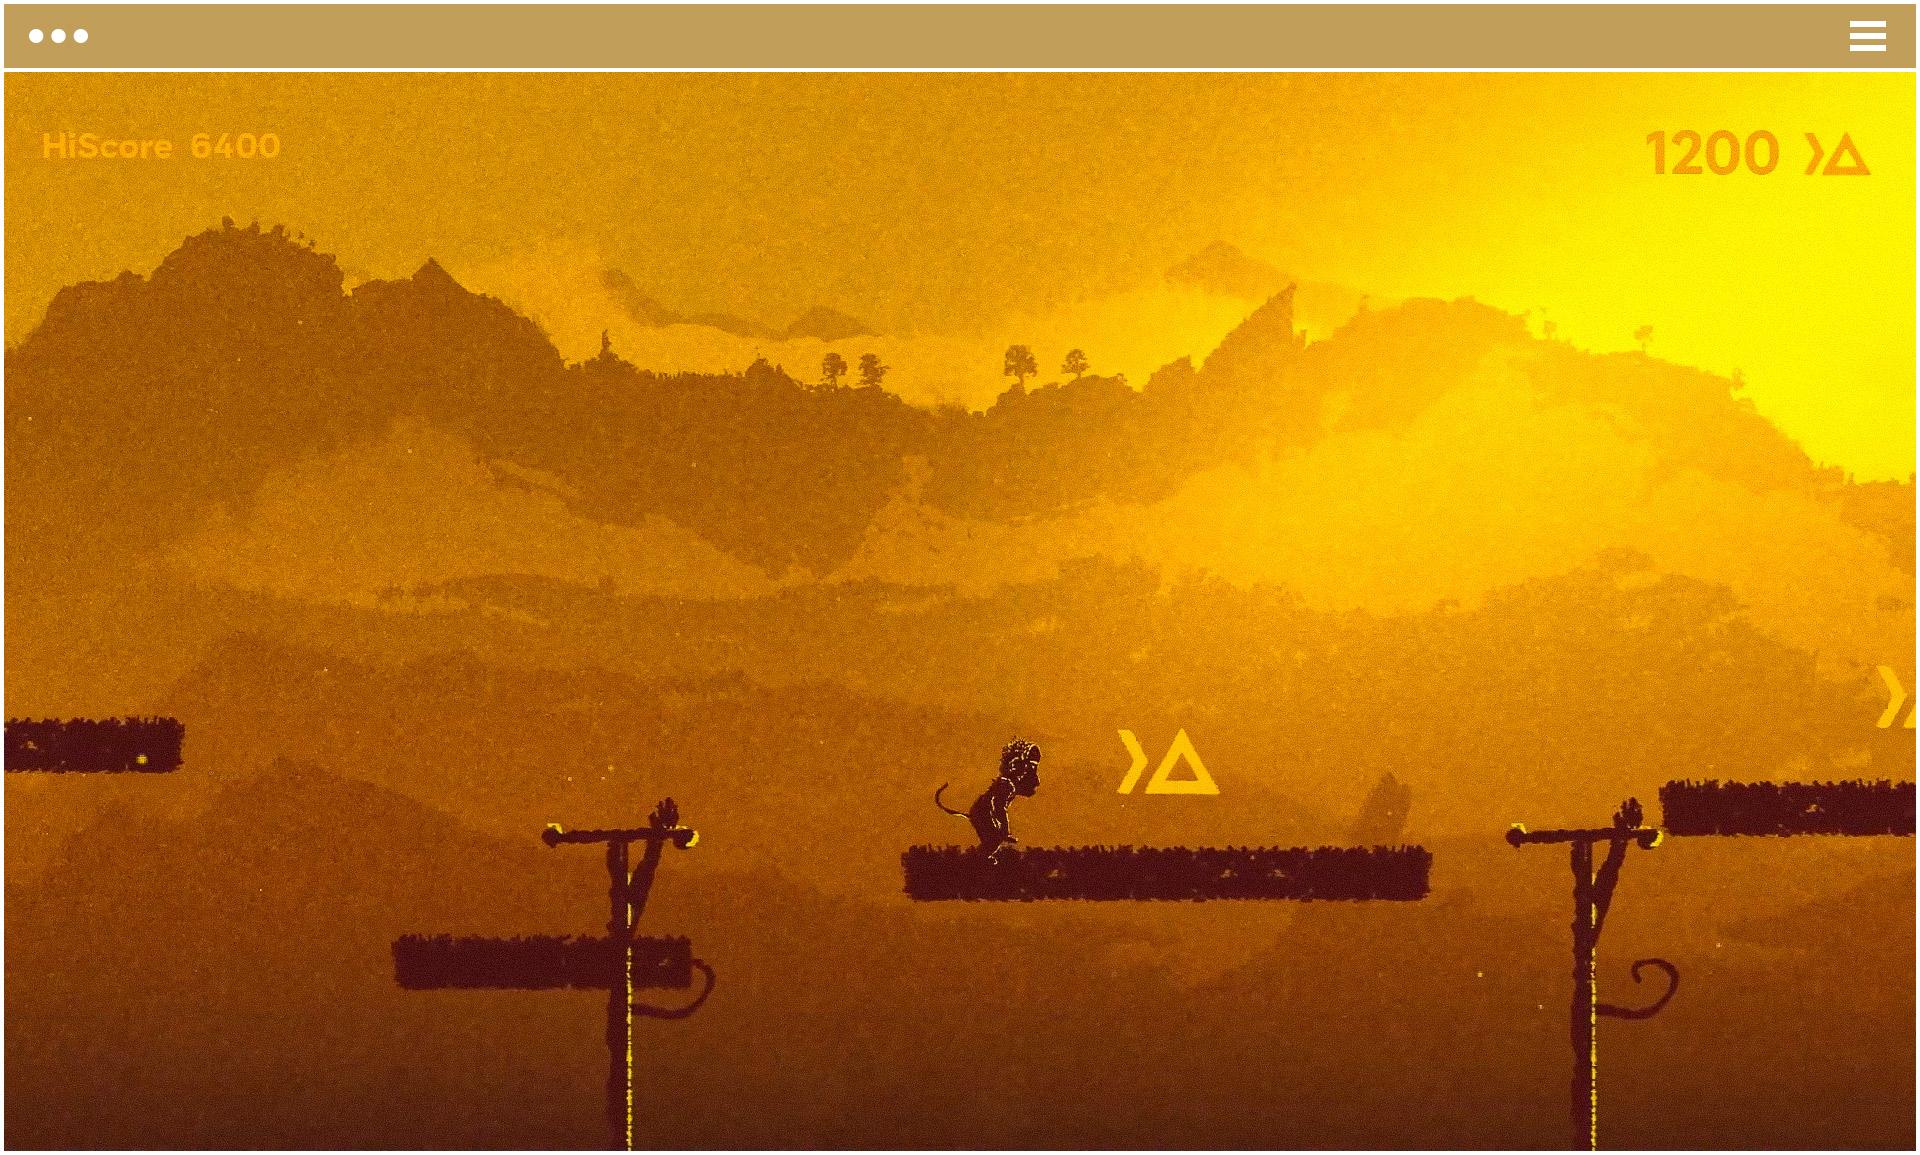 InGame screen: Náhľad obrazovky hrania.